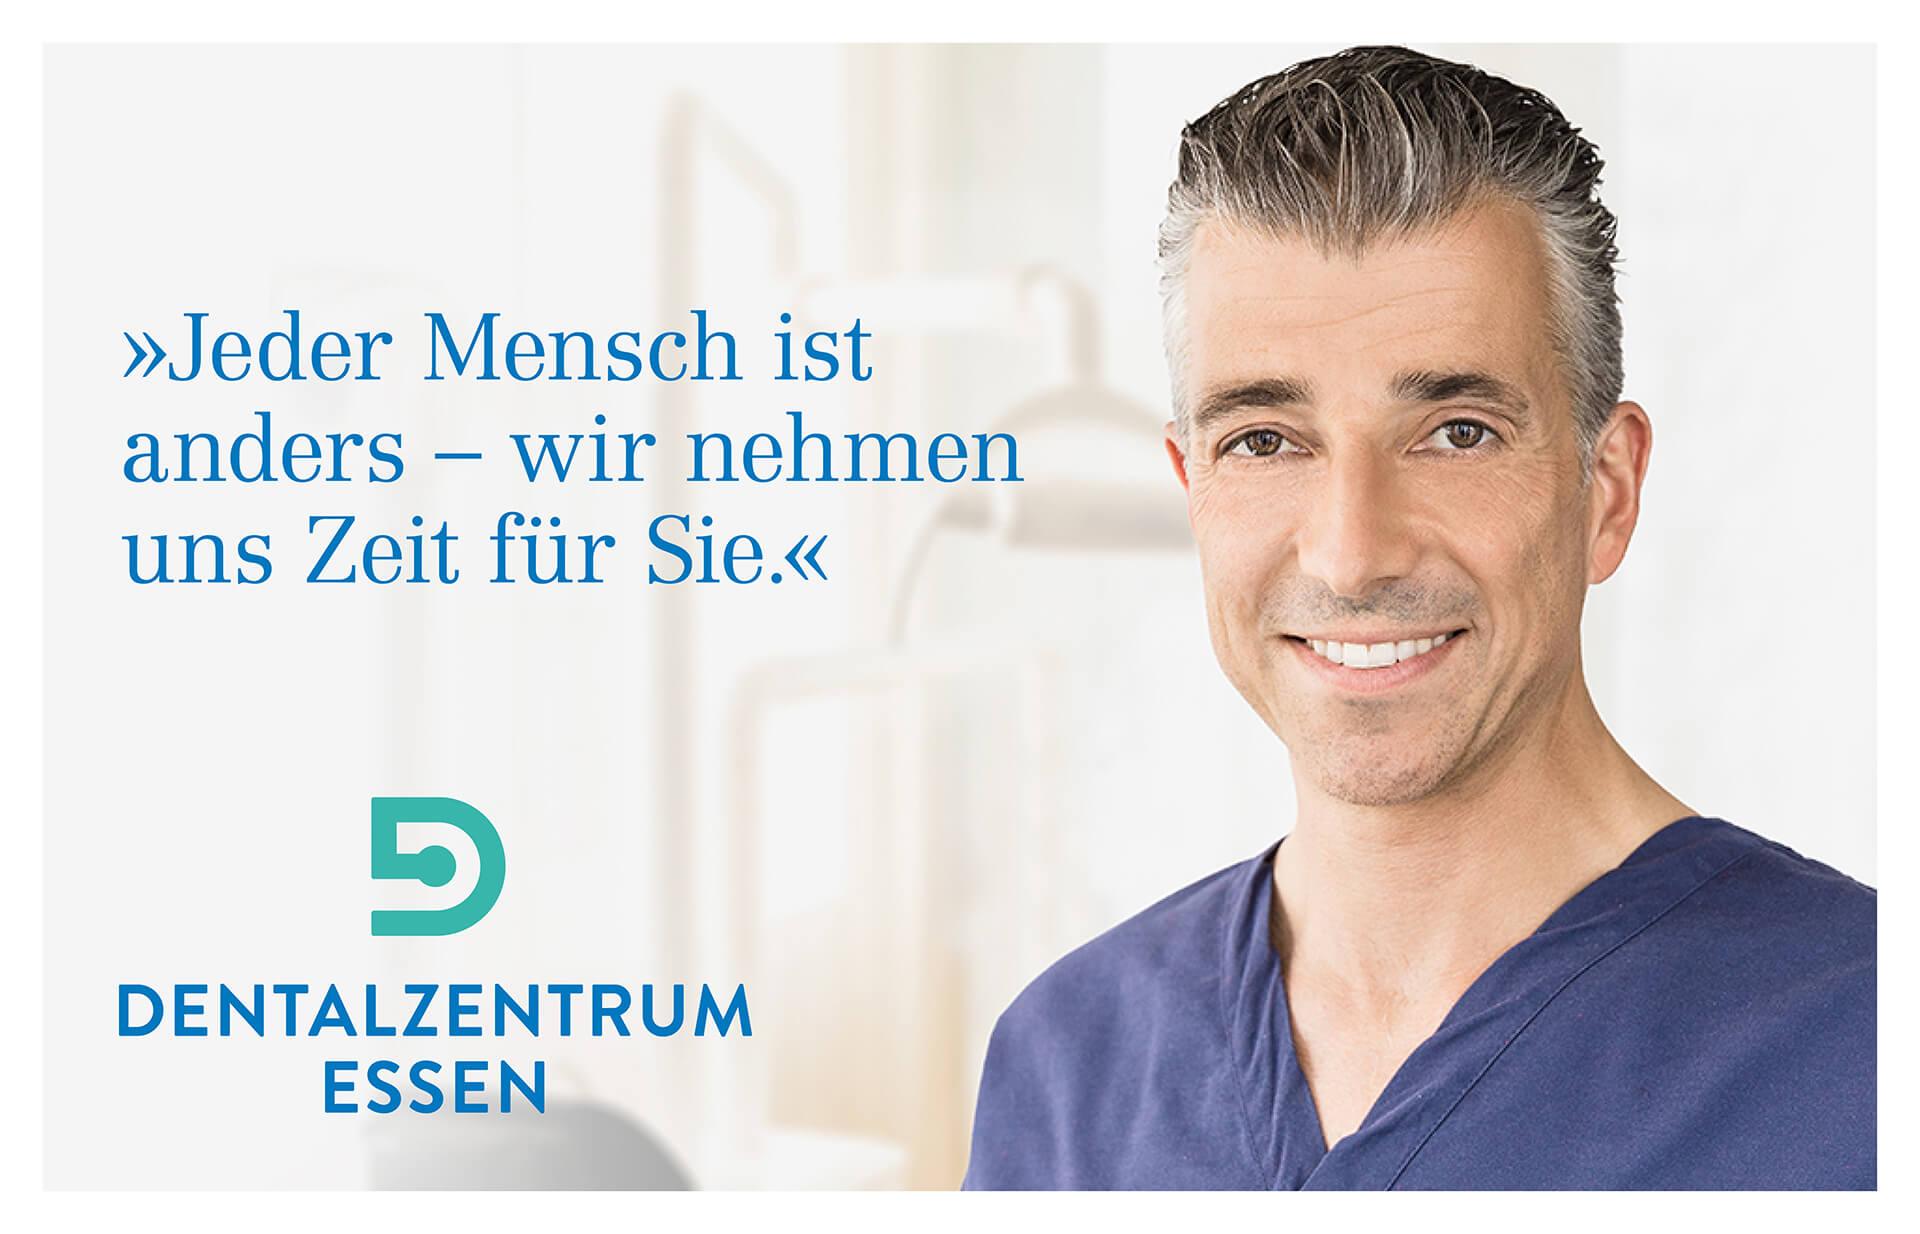 Dentalzentrum Essen Anzeige